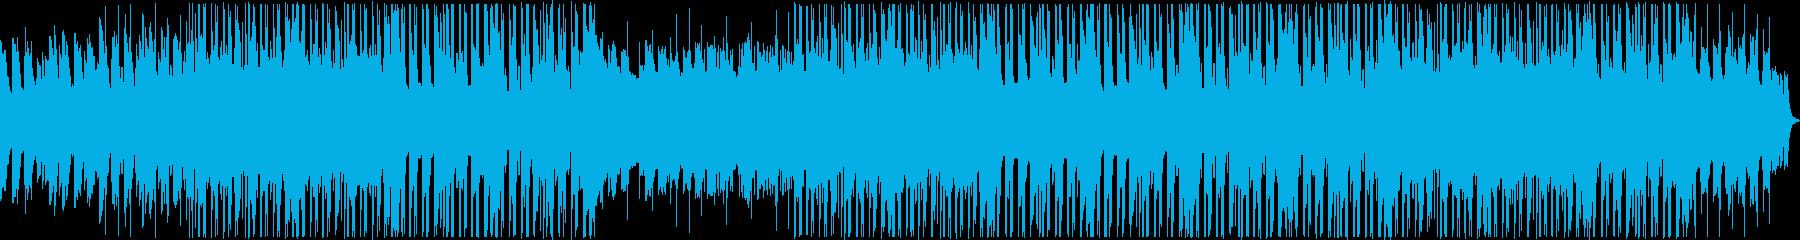 セクシー リズミカル トラップソウルの再生済みの波形